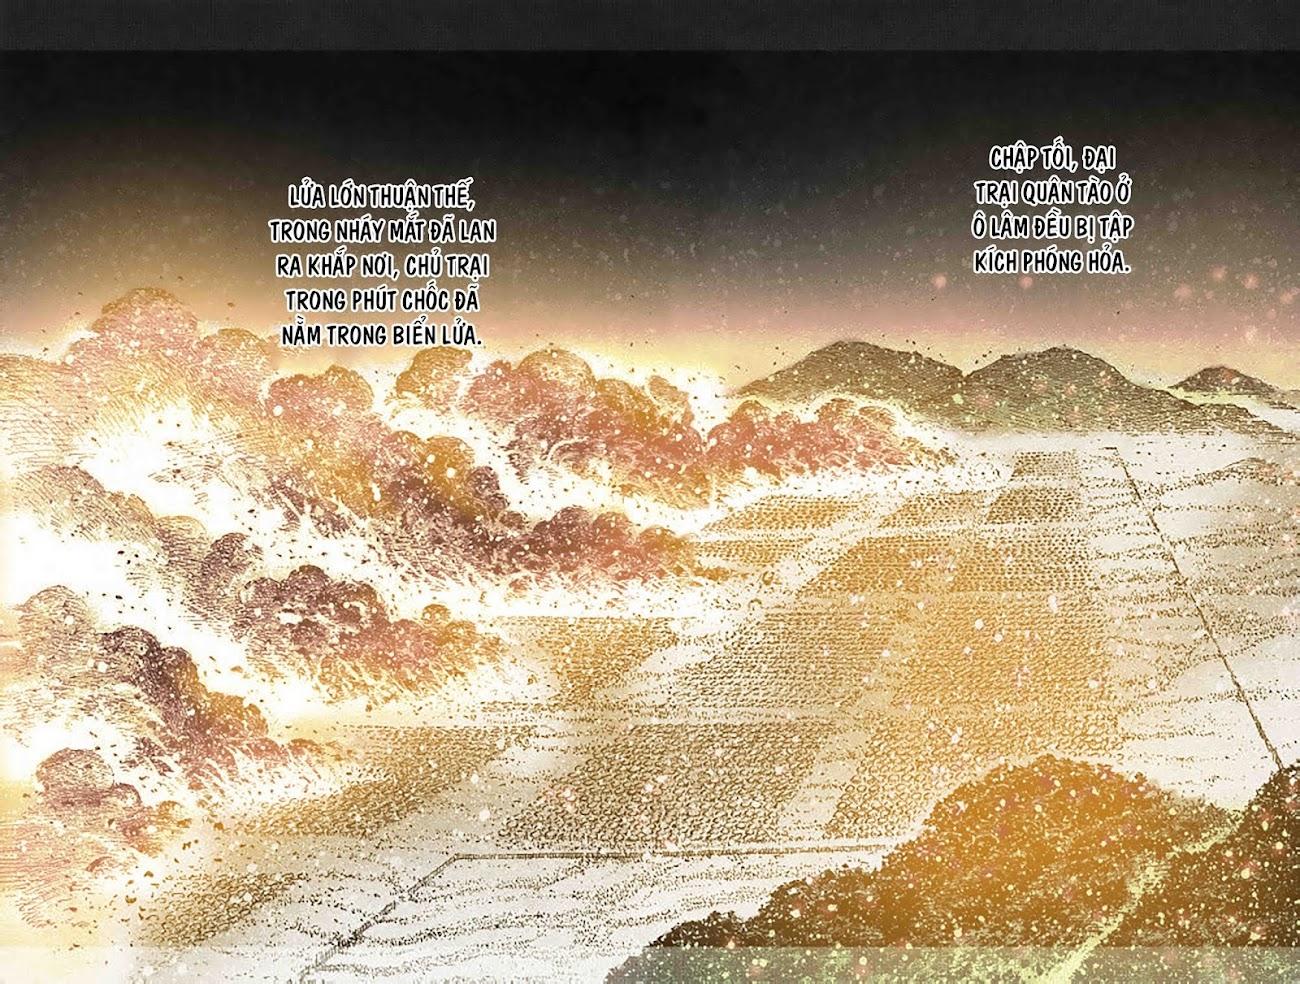 Hỏa phụng liêu nguyên Chương 425: Phản kích Tào Tháo [Remake] trang 8